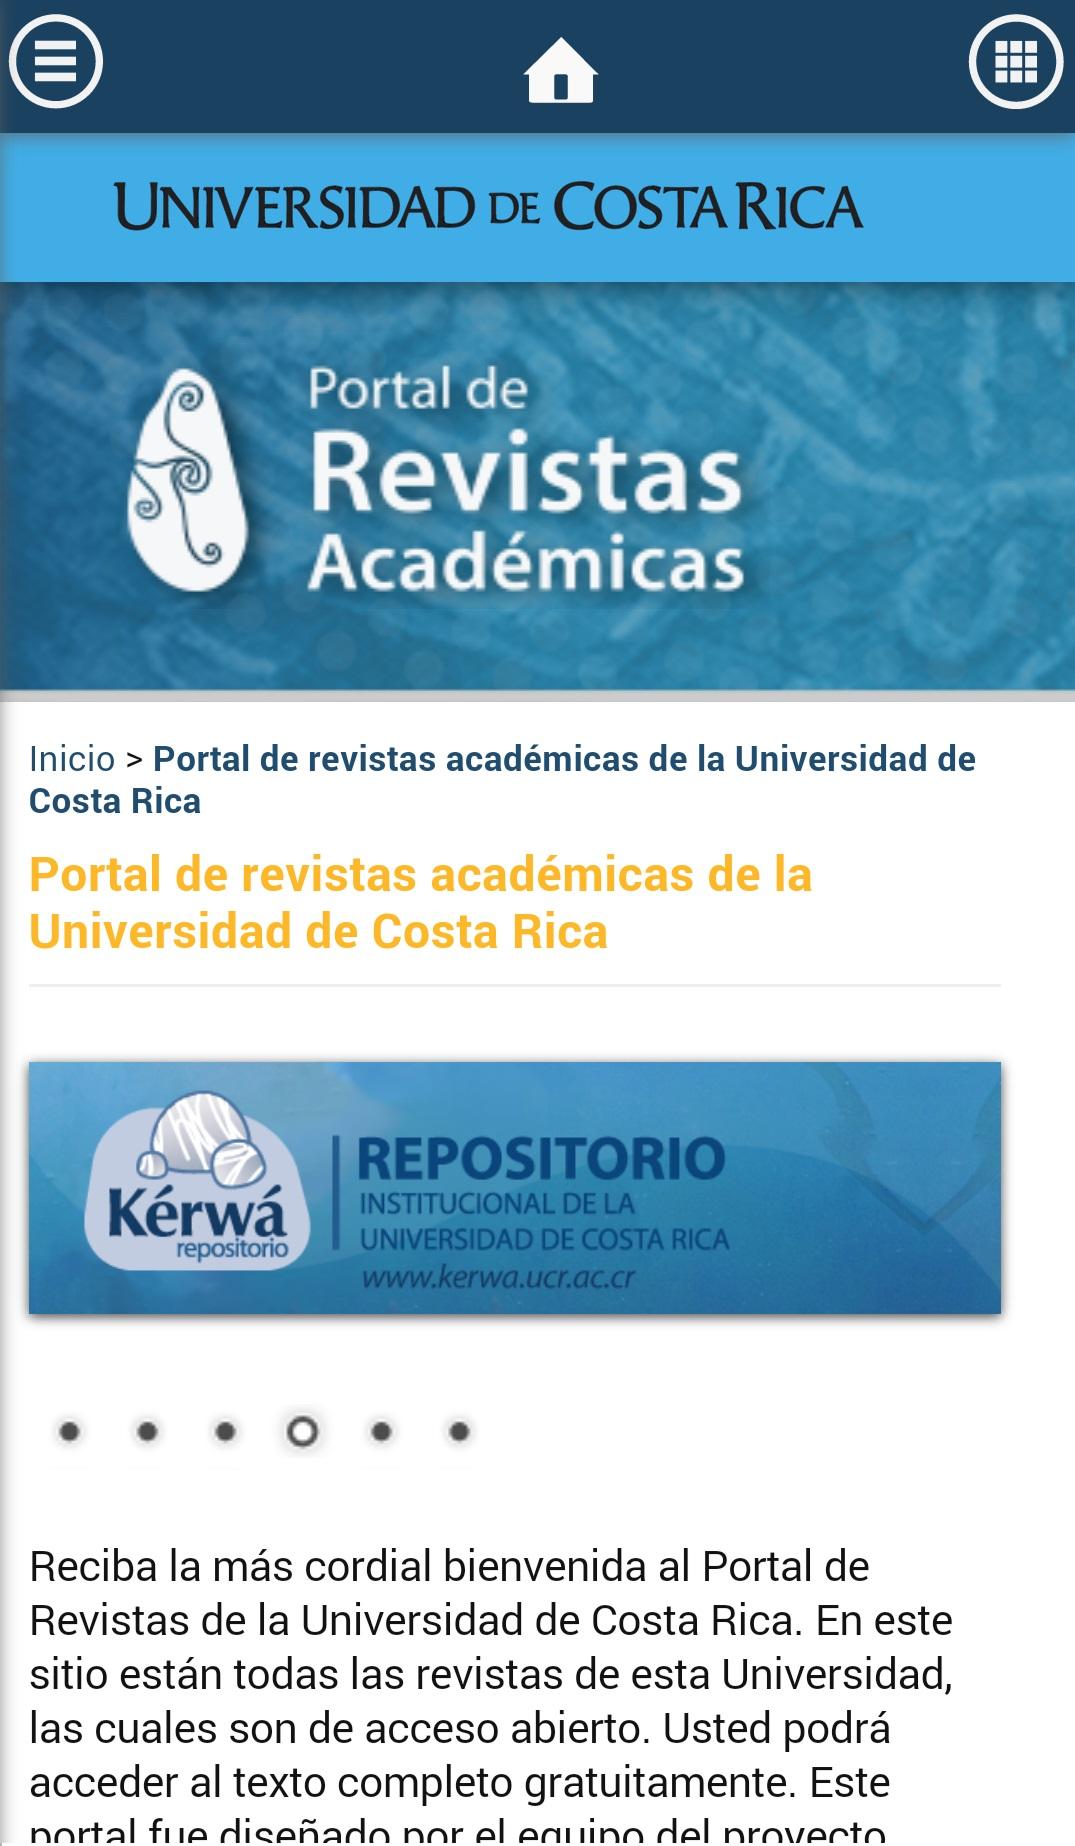 Imagen del Portal de Revistas desde el móvil